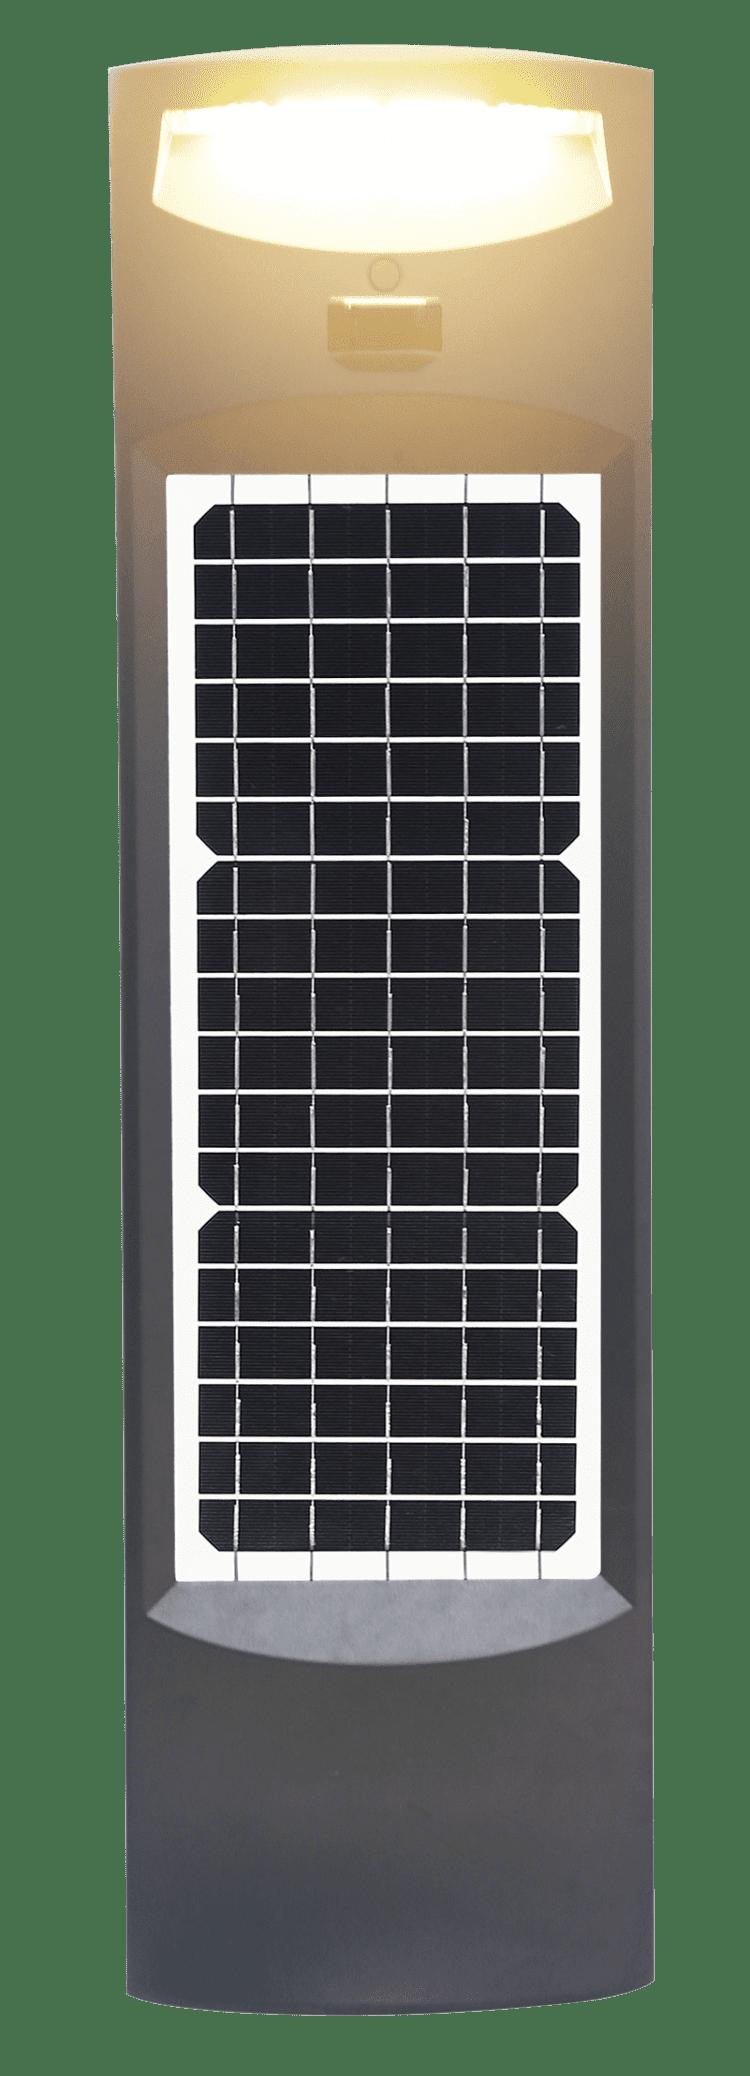 lampioncino ad energia solare